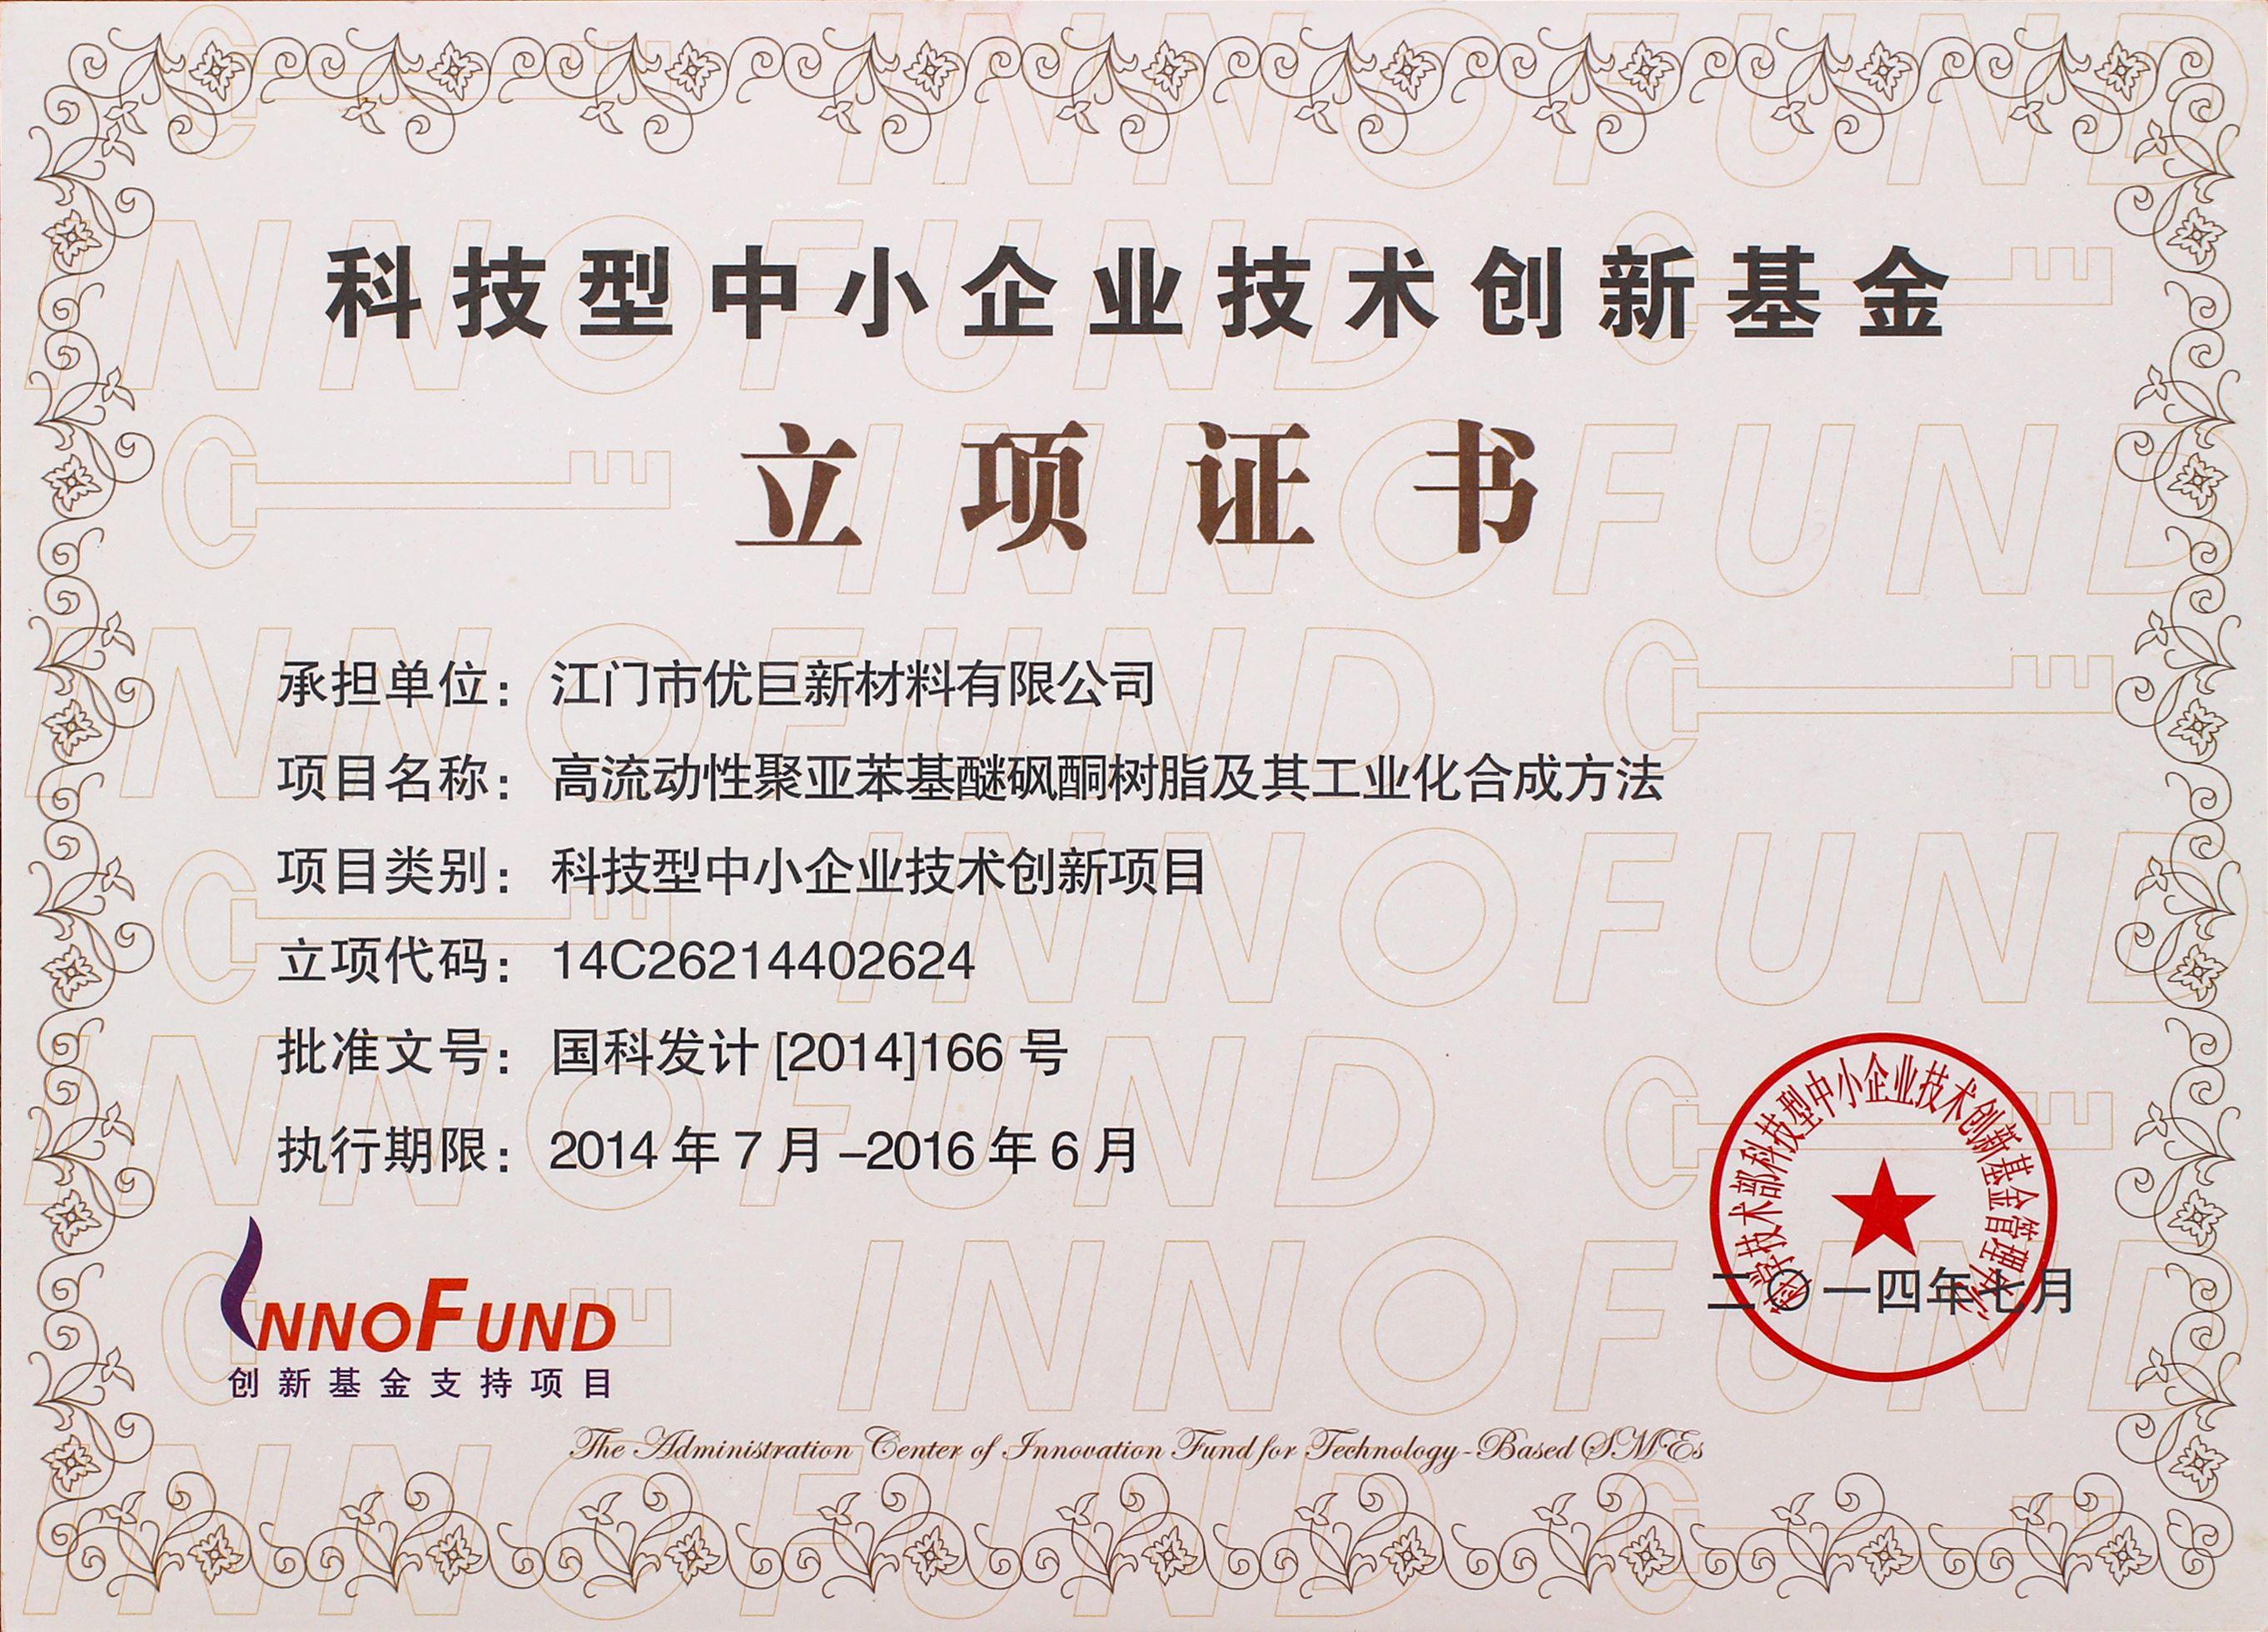 国家科技创新基金立项证书